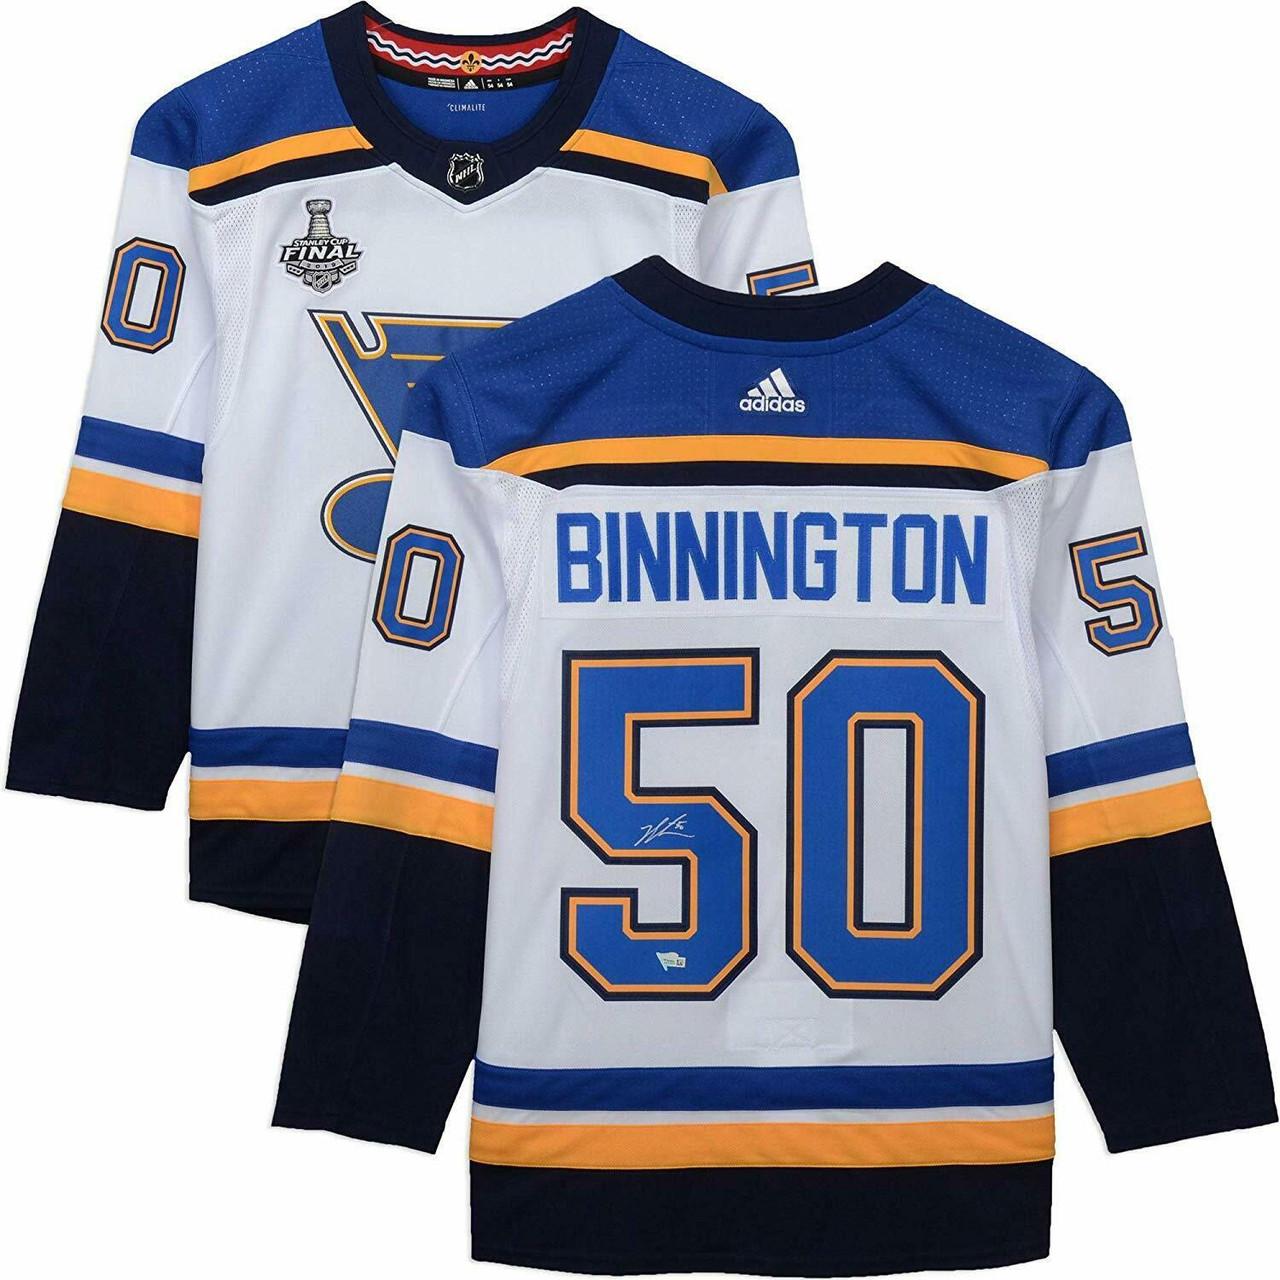 save off a9a5a 4cd77 JORDAN BINNINGTON Autographed 2019 Stanley Cup Patch Authentic White St.  Louis Blues Jersey FANATICS